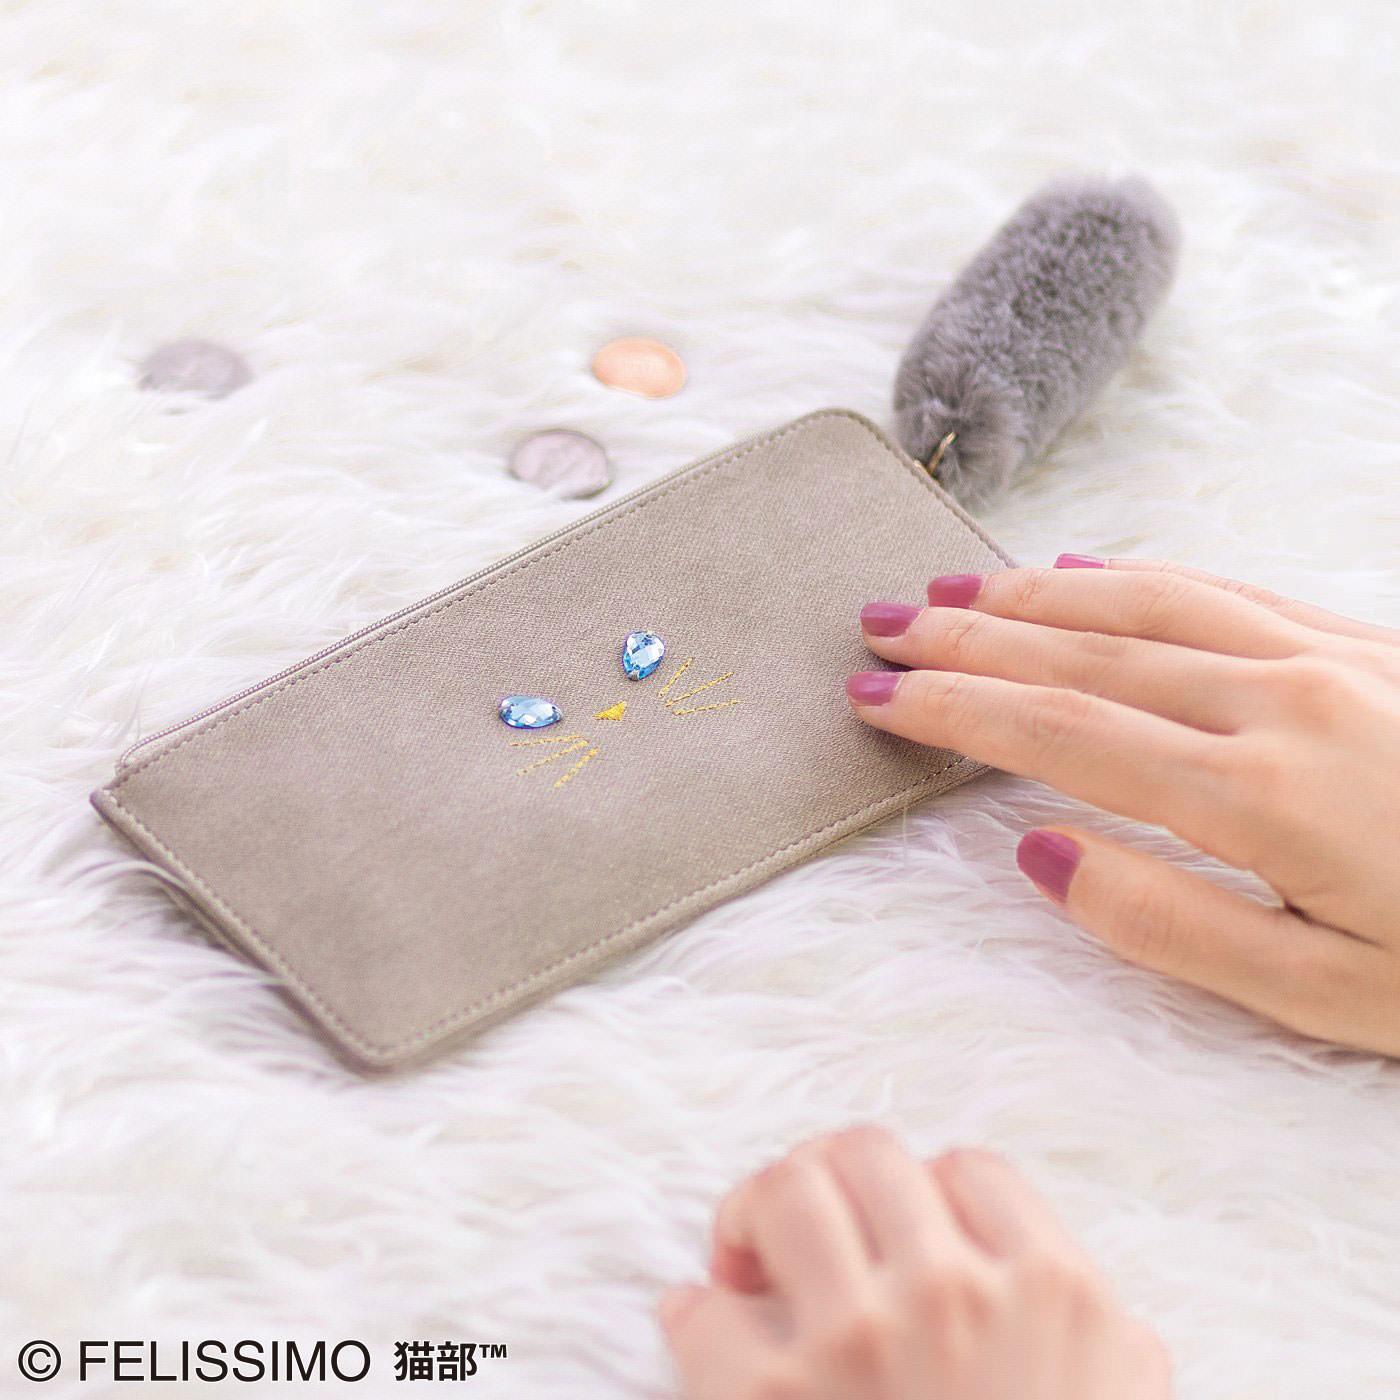 UP.de × 猫部 思わずなでちゃう! ラグドールさんみたいなやわらかぺたんこL字猫財布